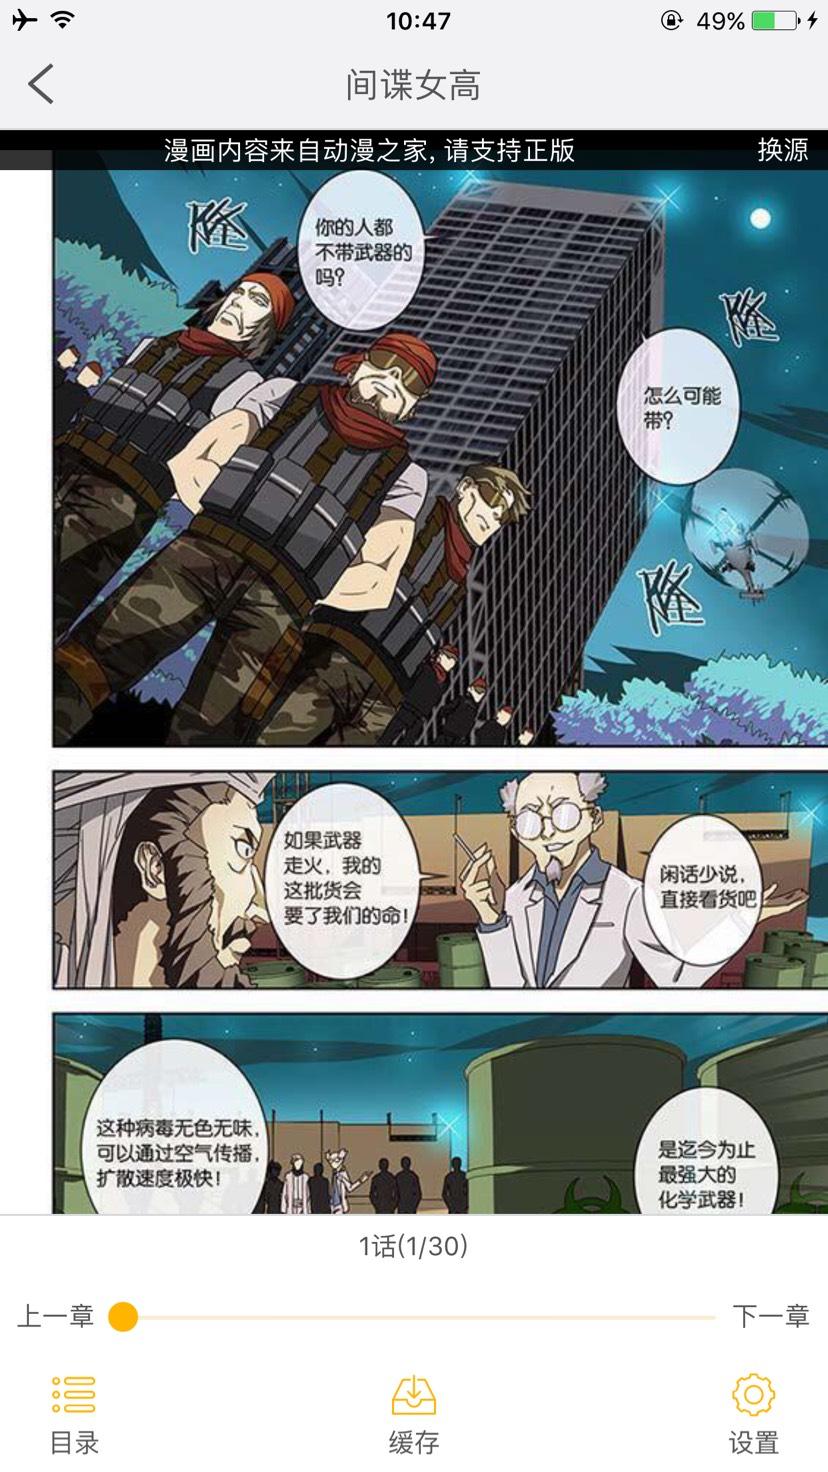 咕咕漫画破解版 手机资源 第2张